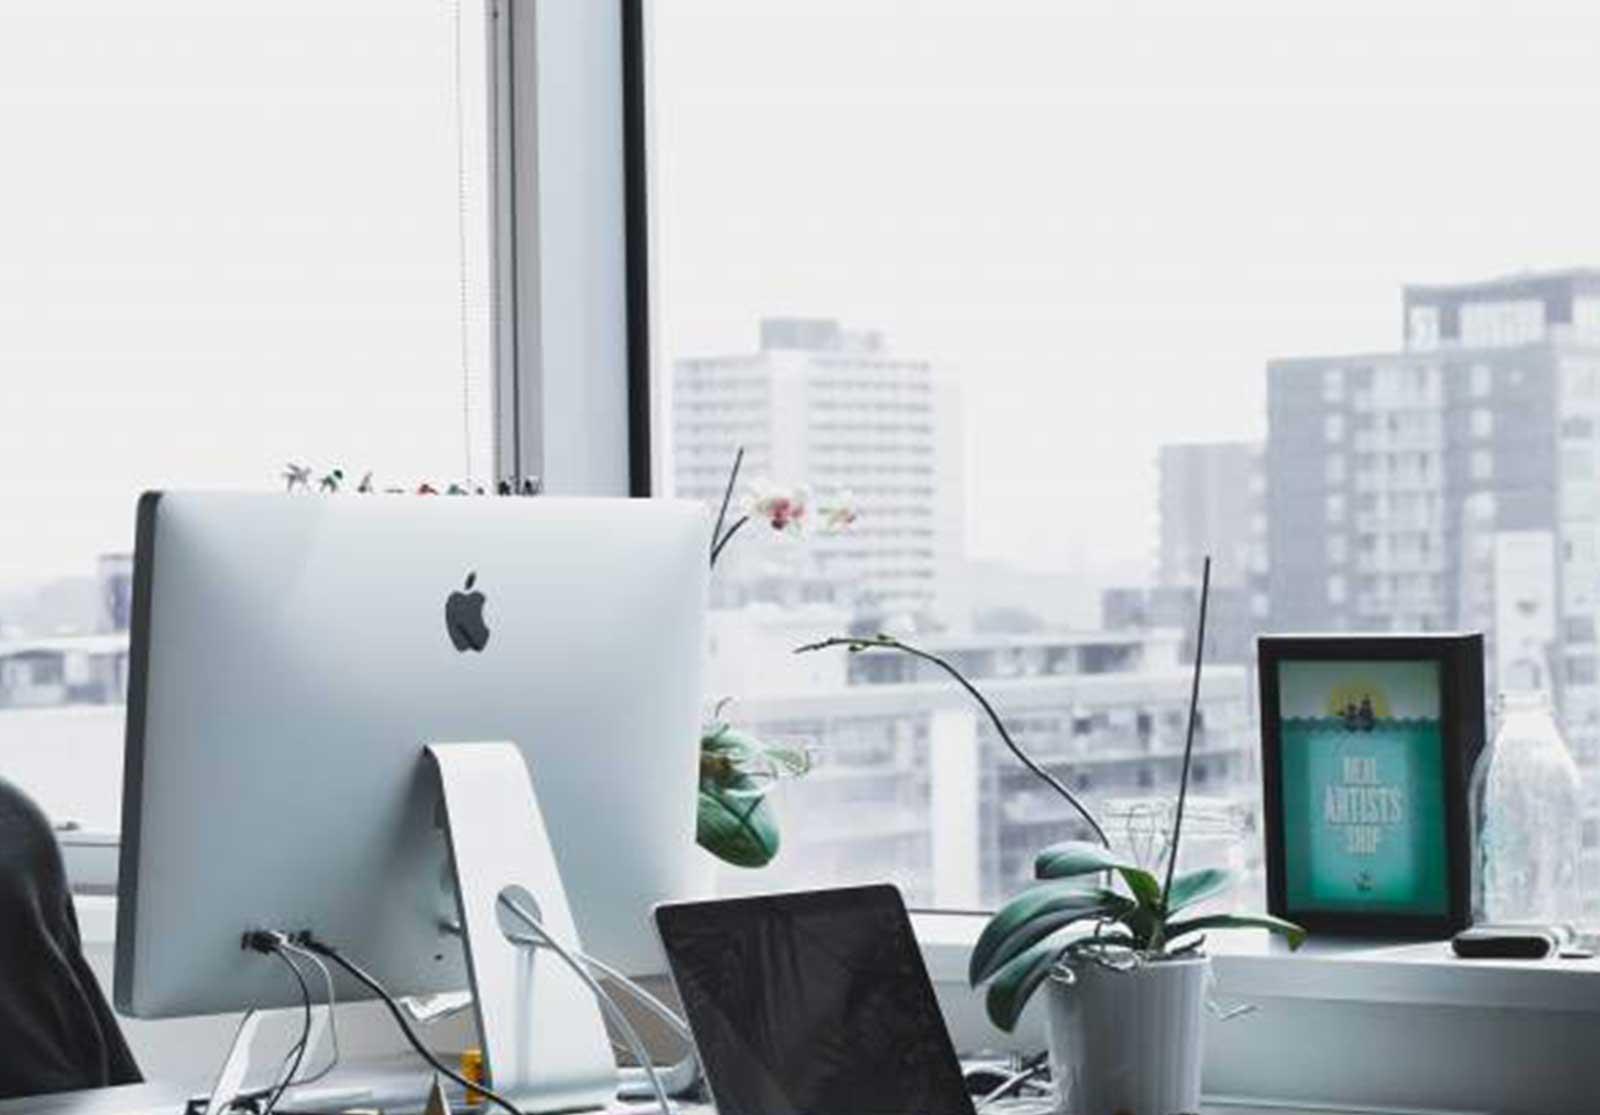 computer ricondizionati per uso business